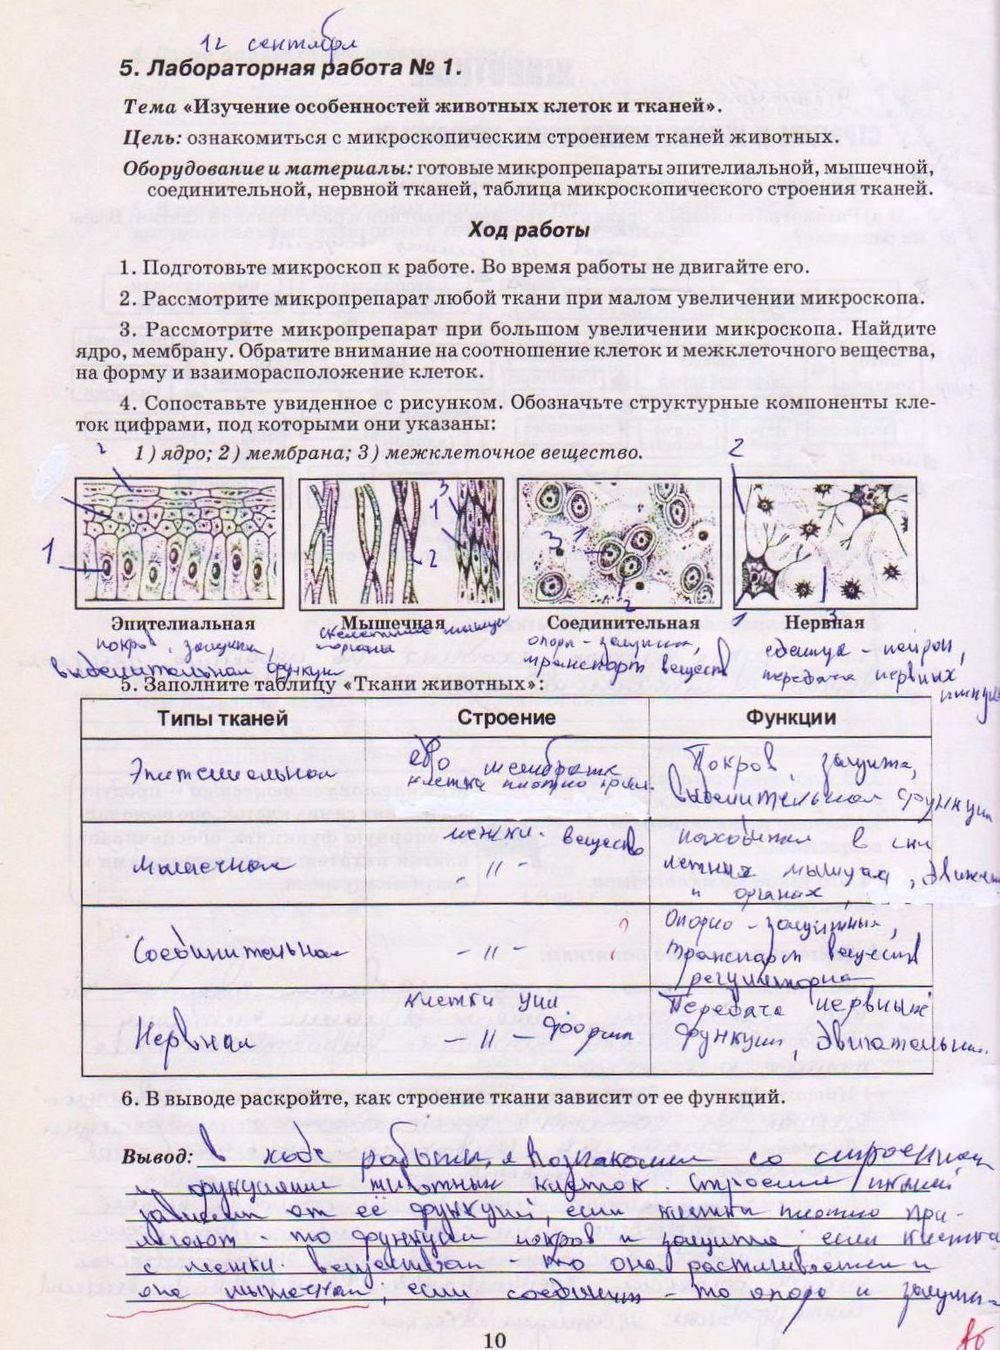 Биология 8 класс лабораторные работы вихренко